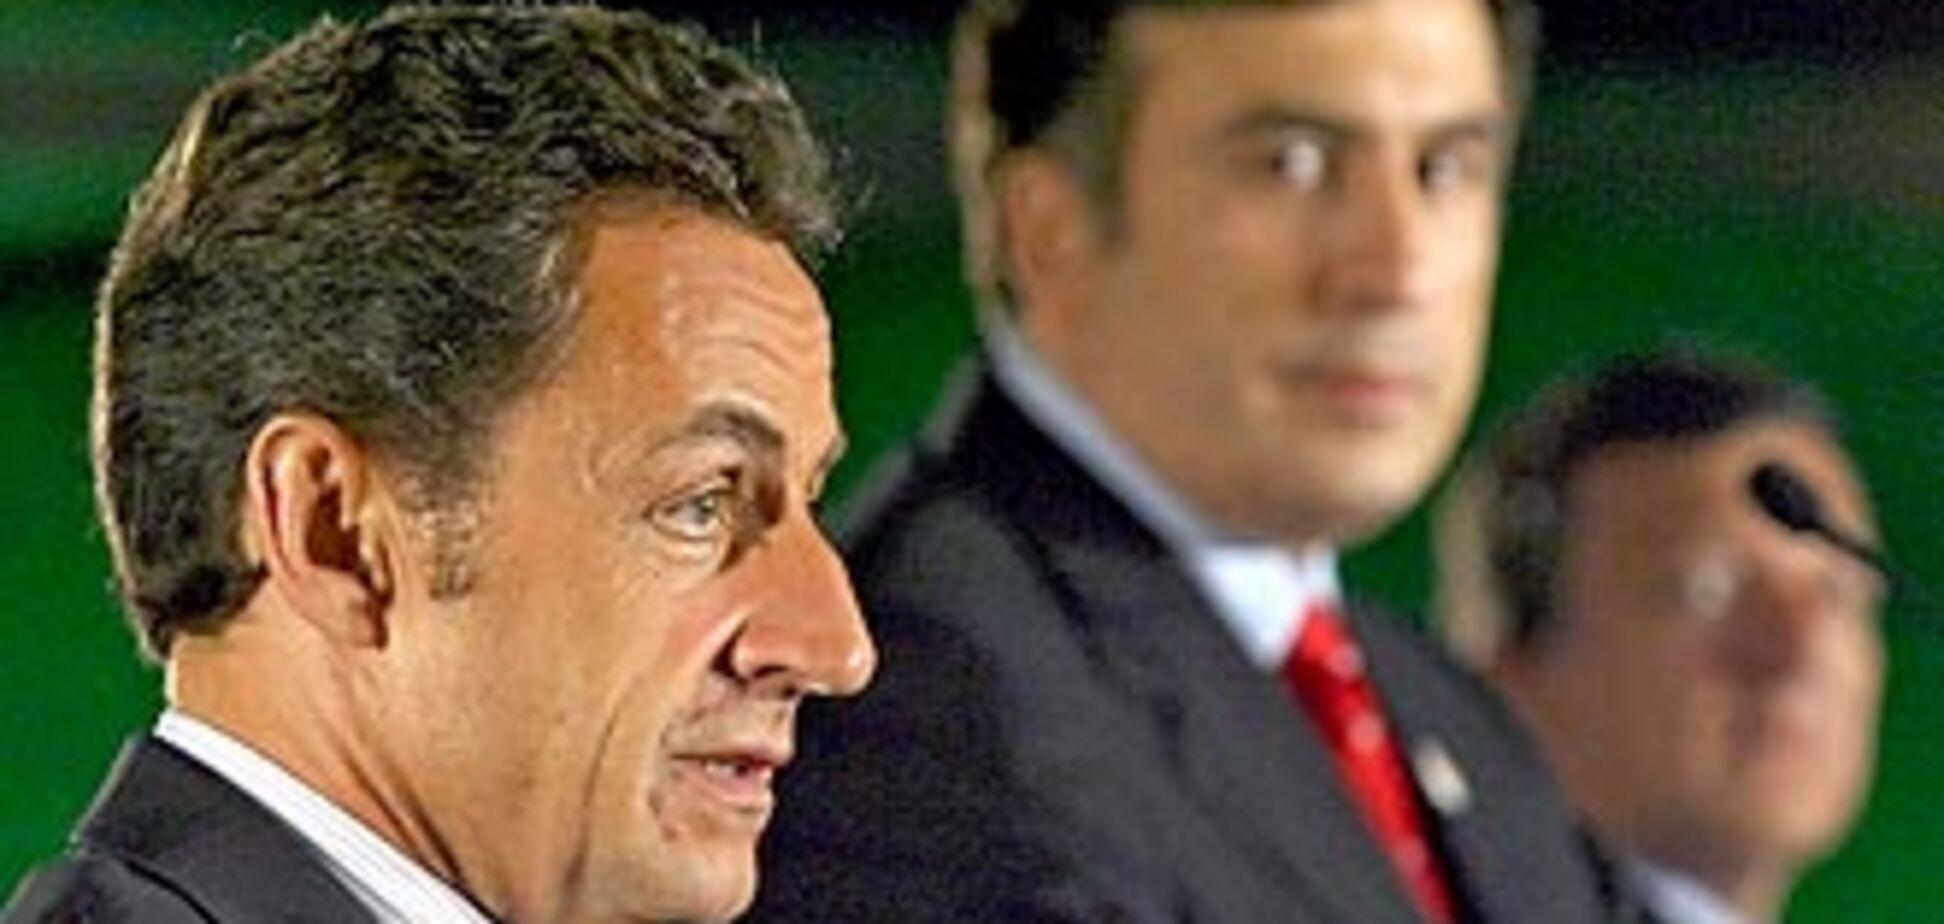 Саакашвілі підписав план 'Медведєва-Саркозі'